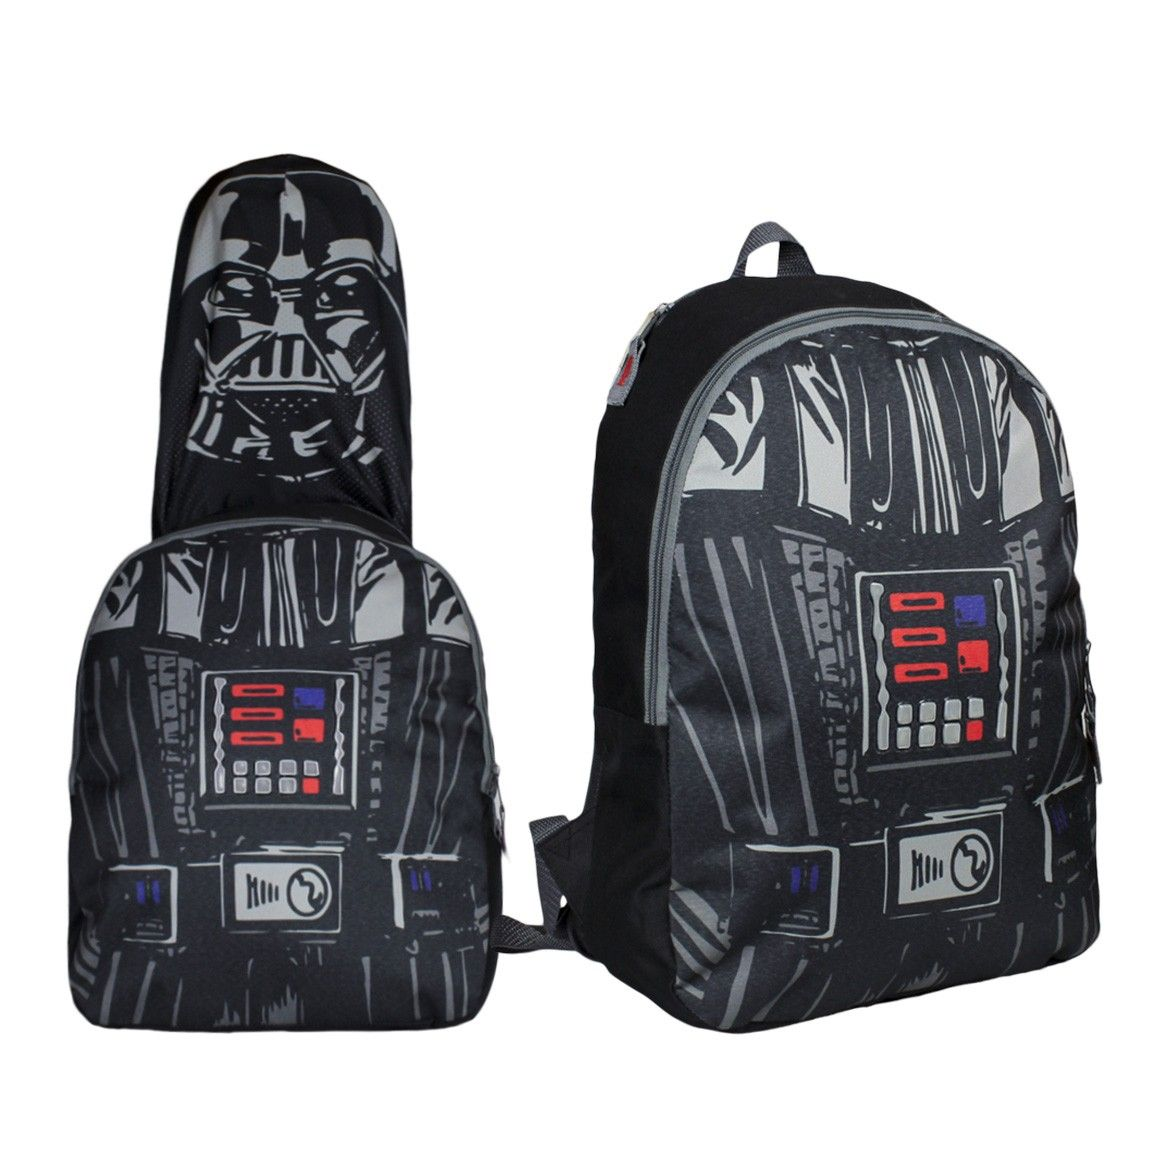 e9cdb78d4b6537 Star wars rebels · Mochila y disfraz de Darth Vader todo en uno. Mochila  juego. Ideal para jugar